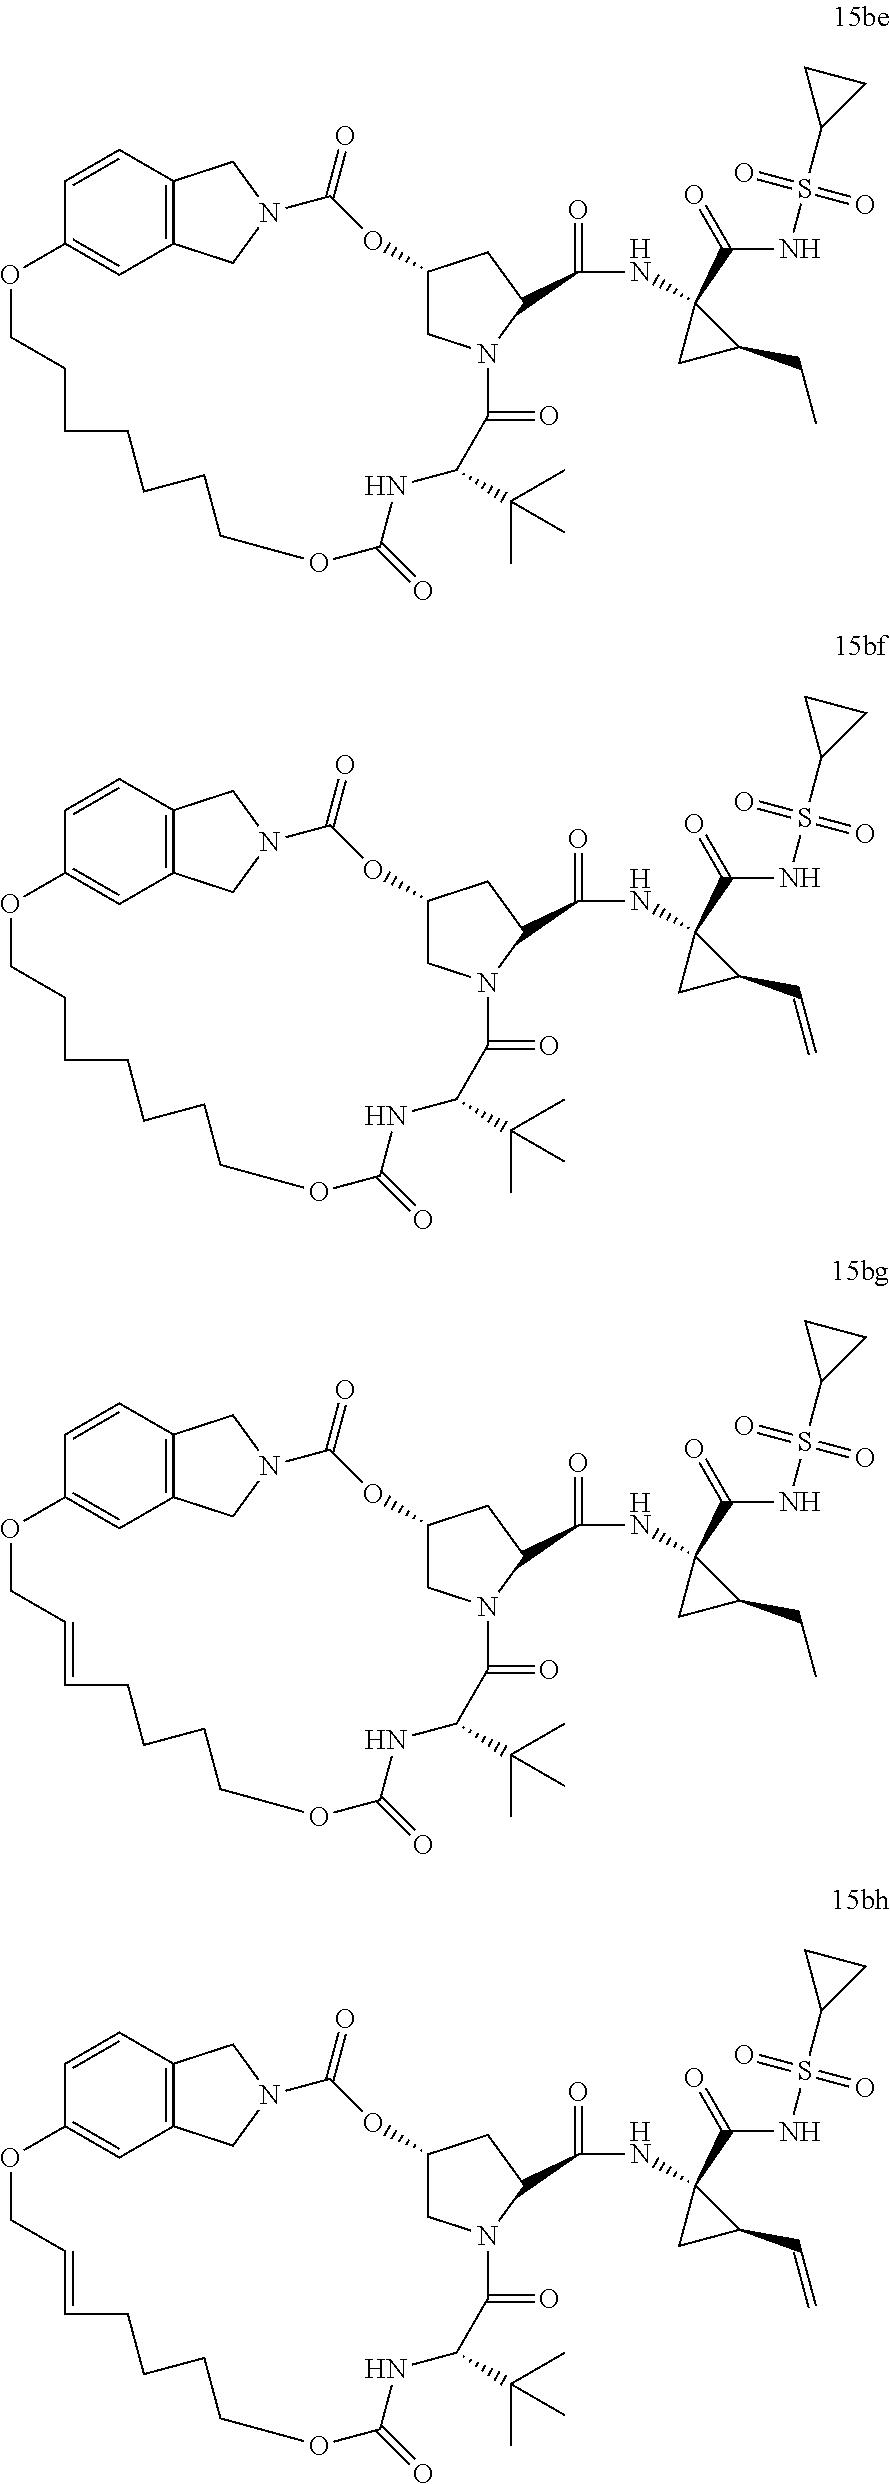 Figure US08962810-20150224-C00167